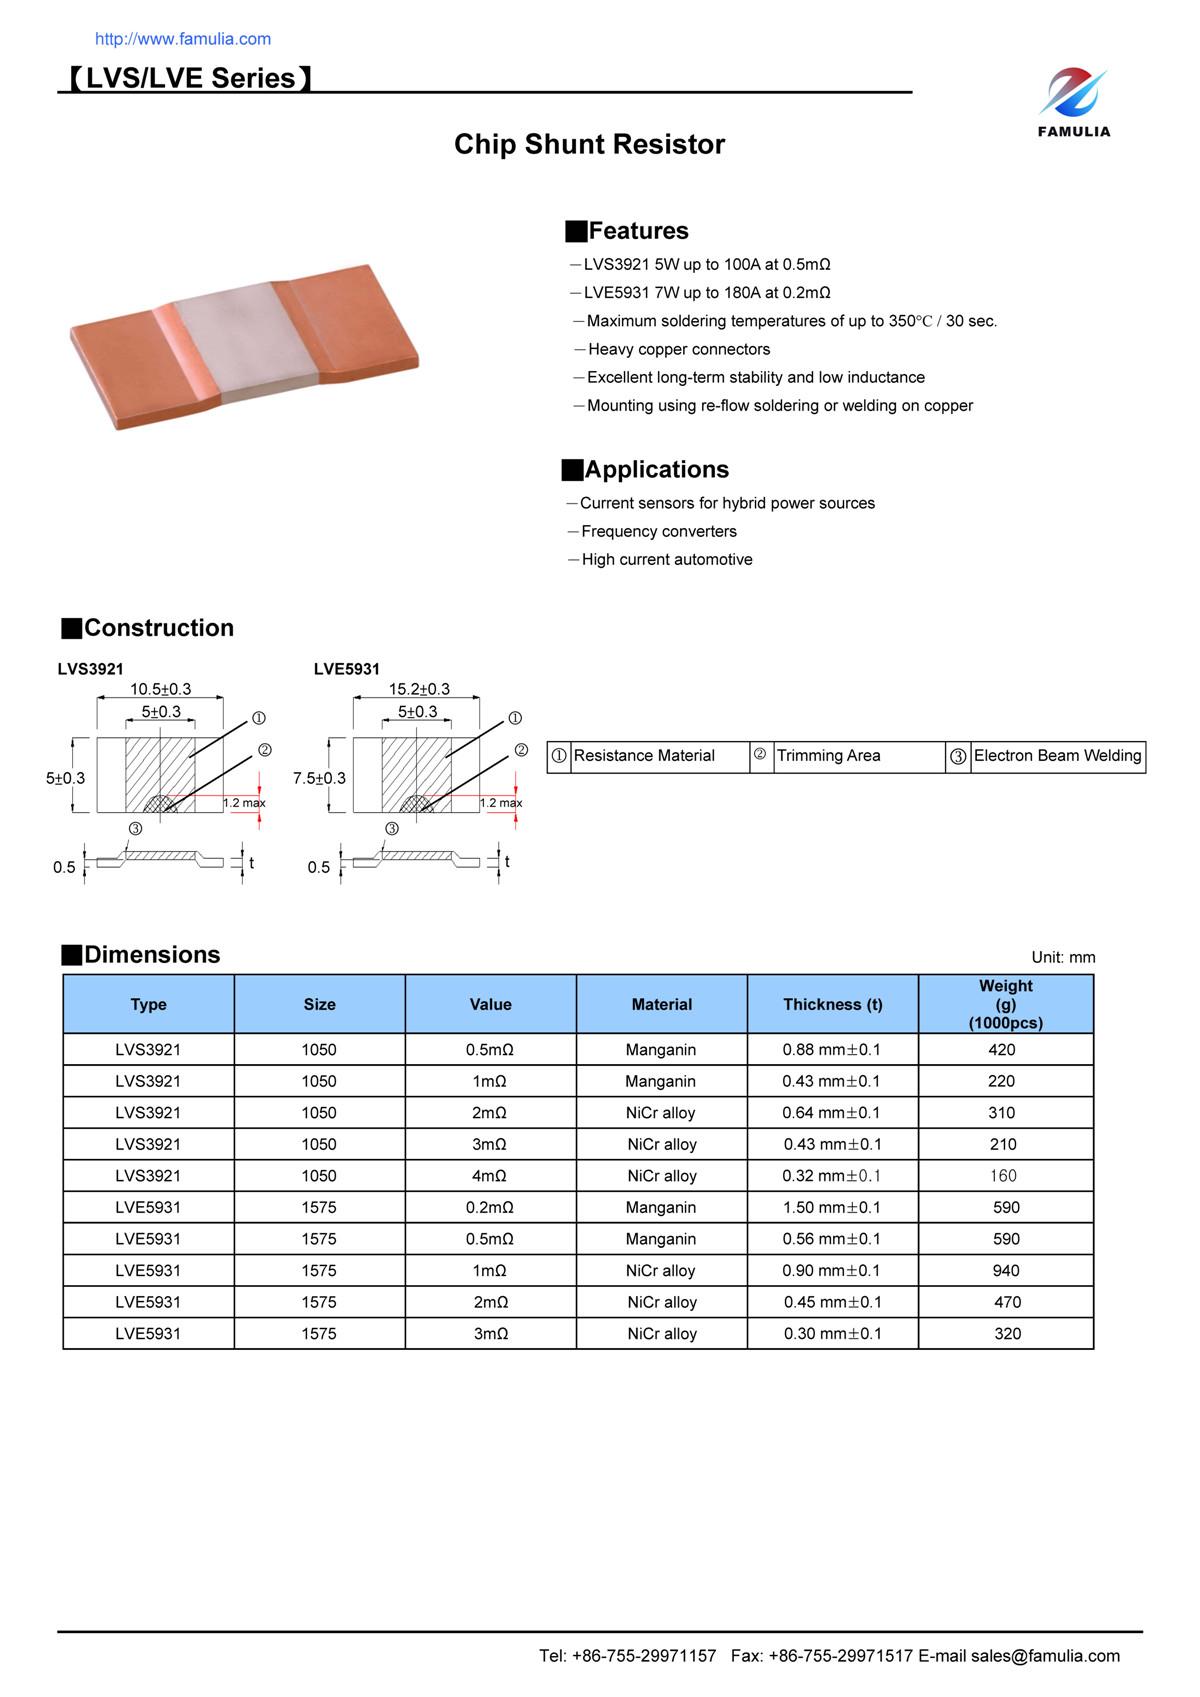 LVES系列合金分流电阻_页面_1.jpg